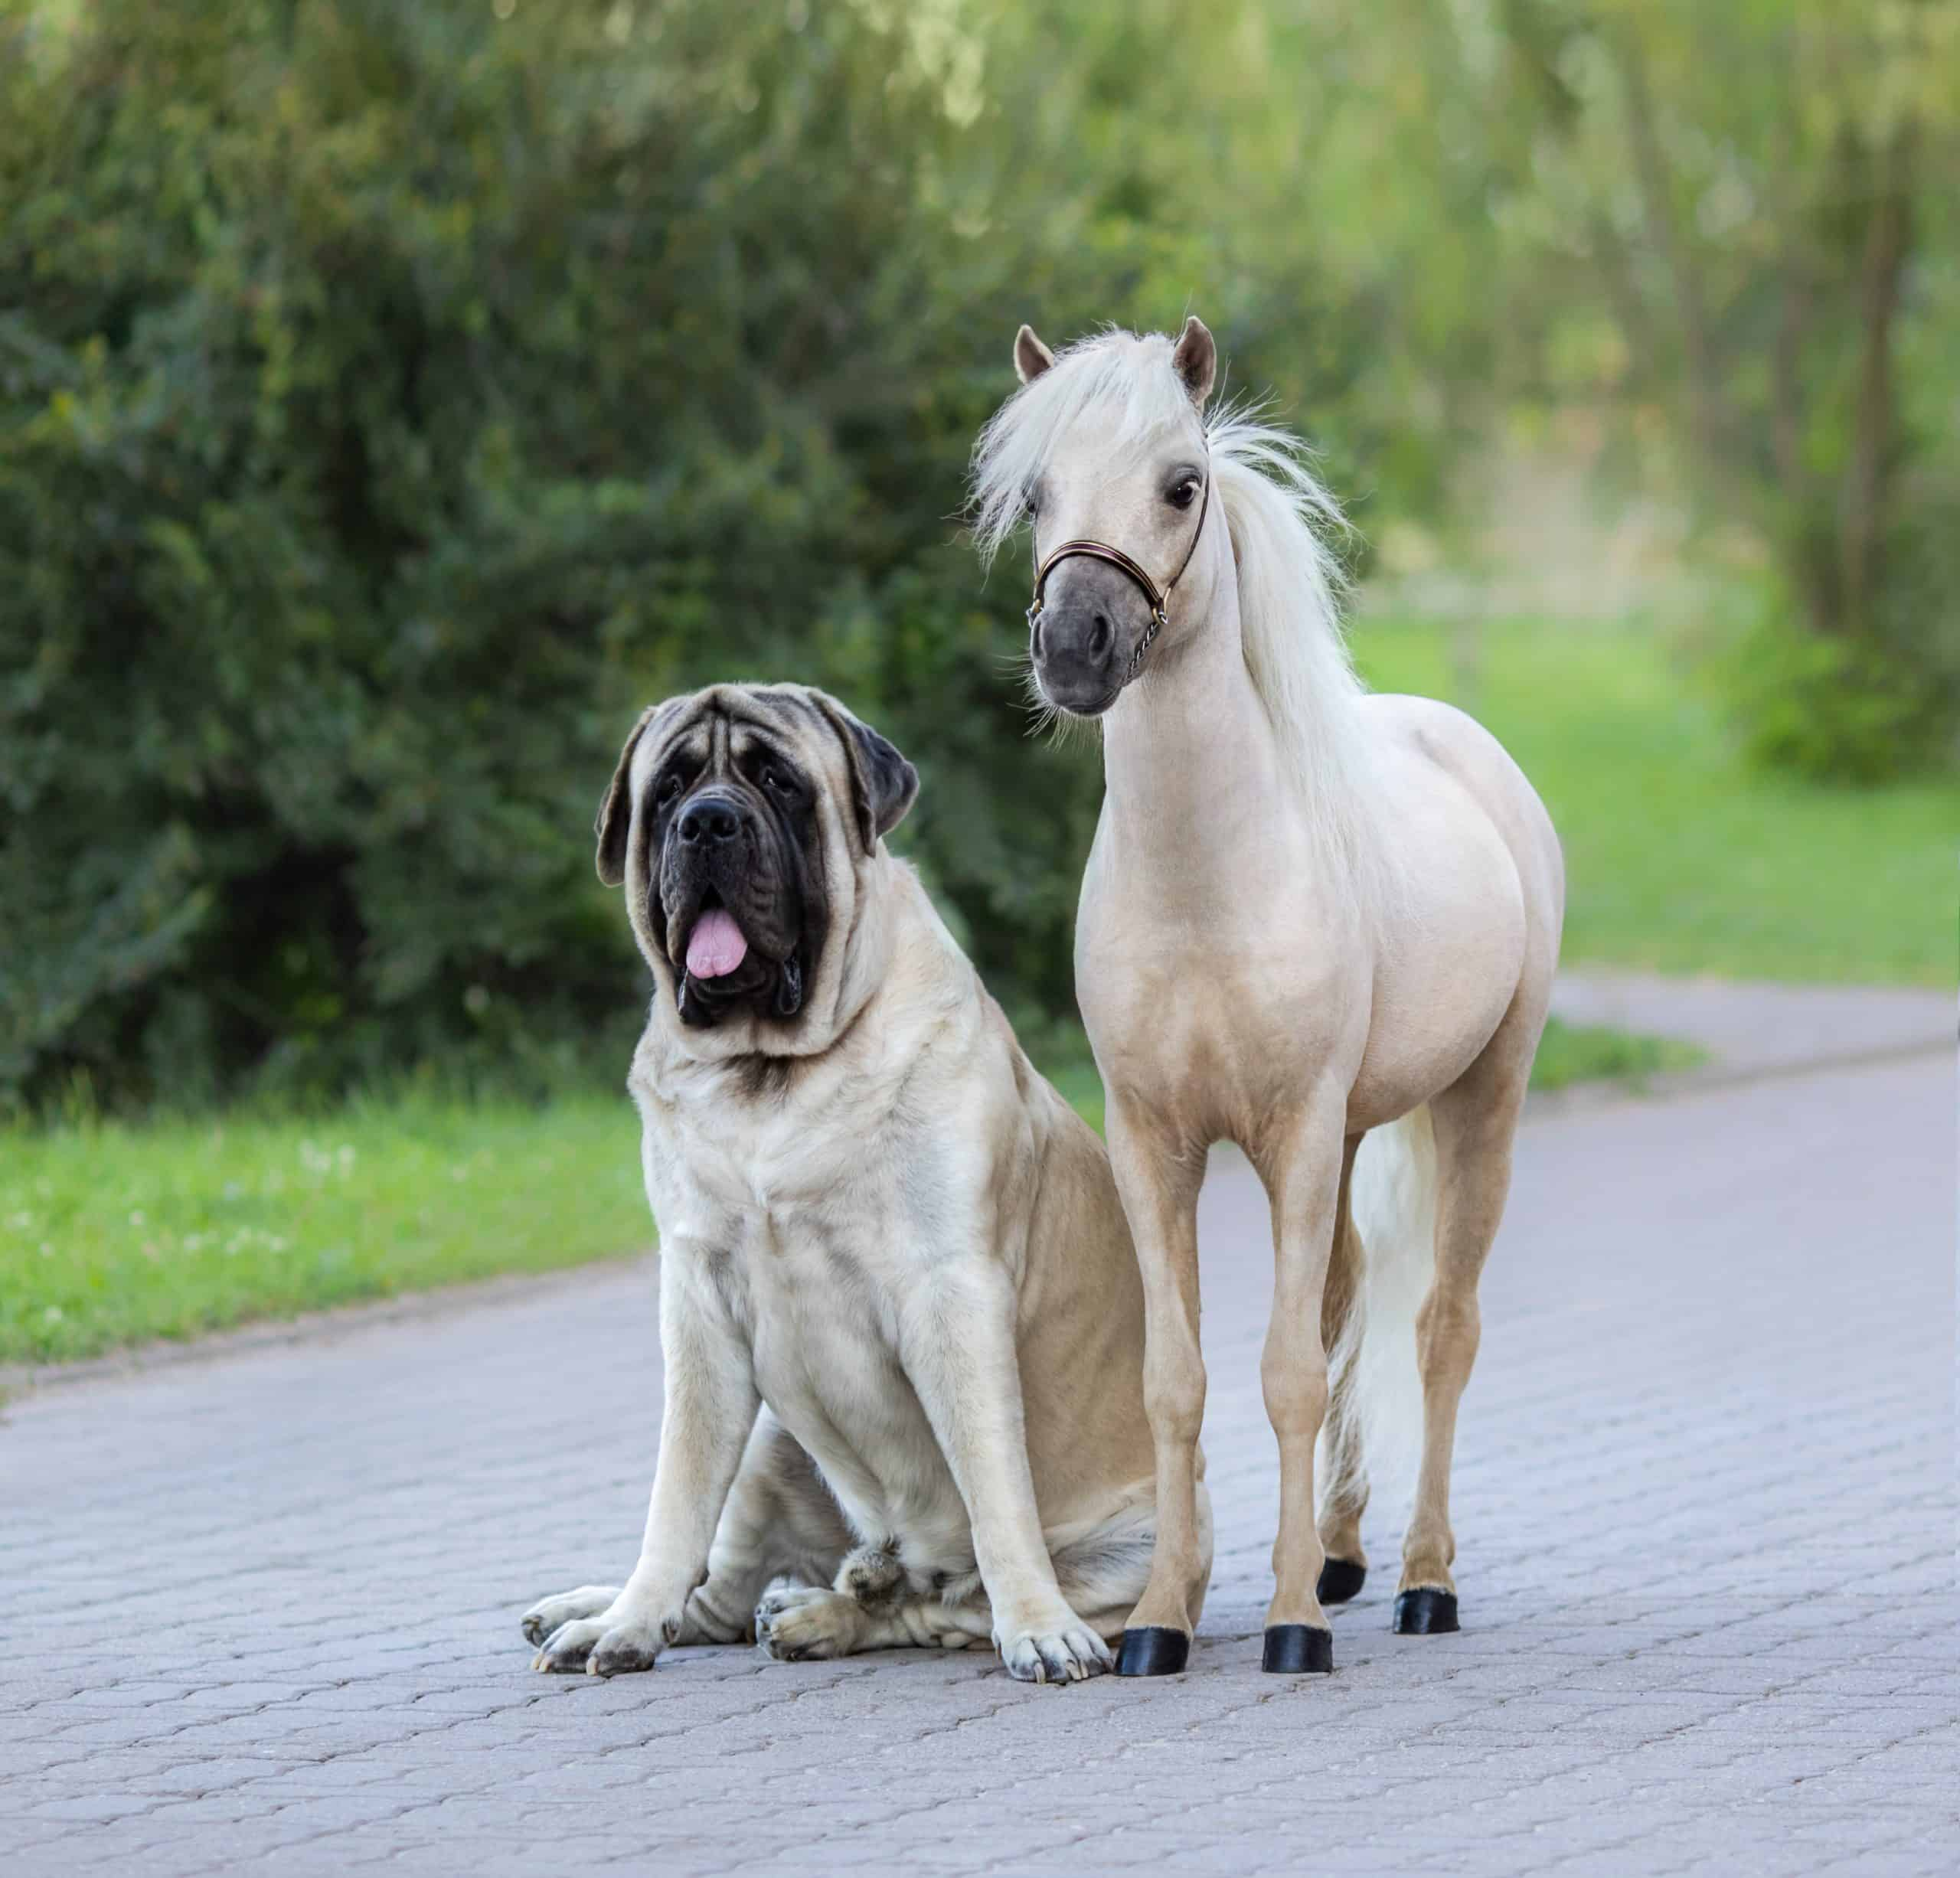 Palomino American Miniature horse standing next to Mastiff dog.